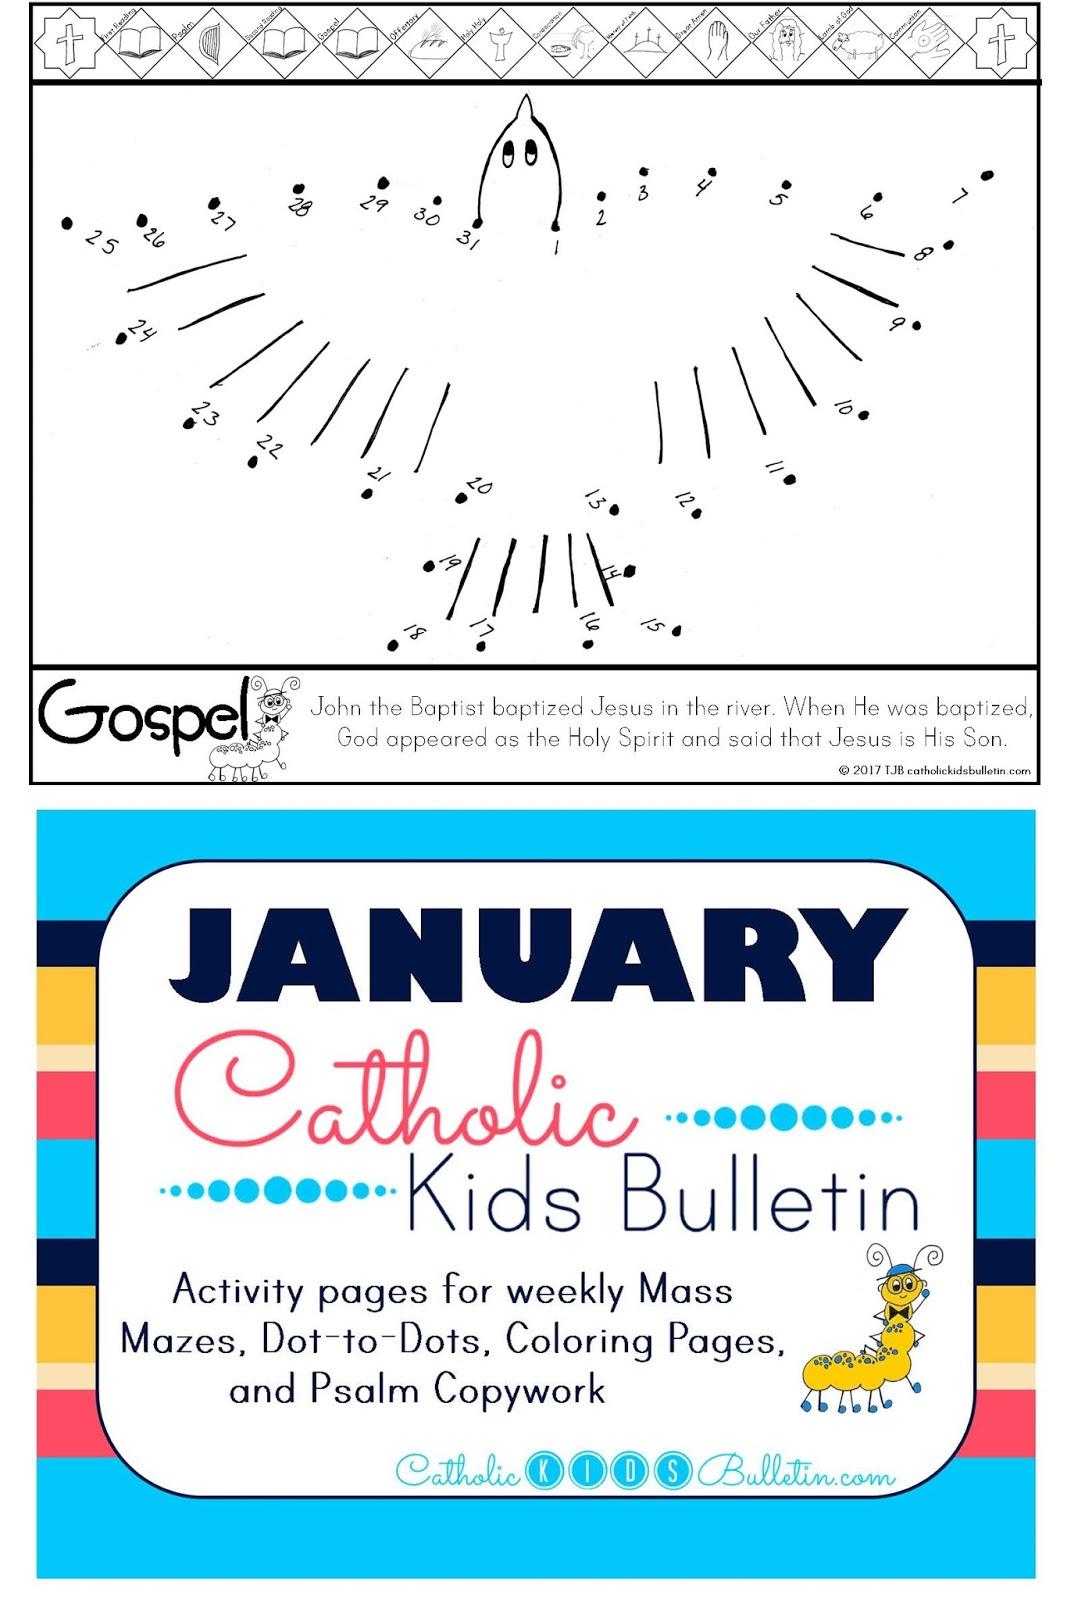 Catholic Kids January Catholic Kids Bulletin